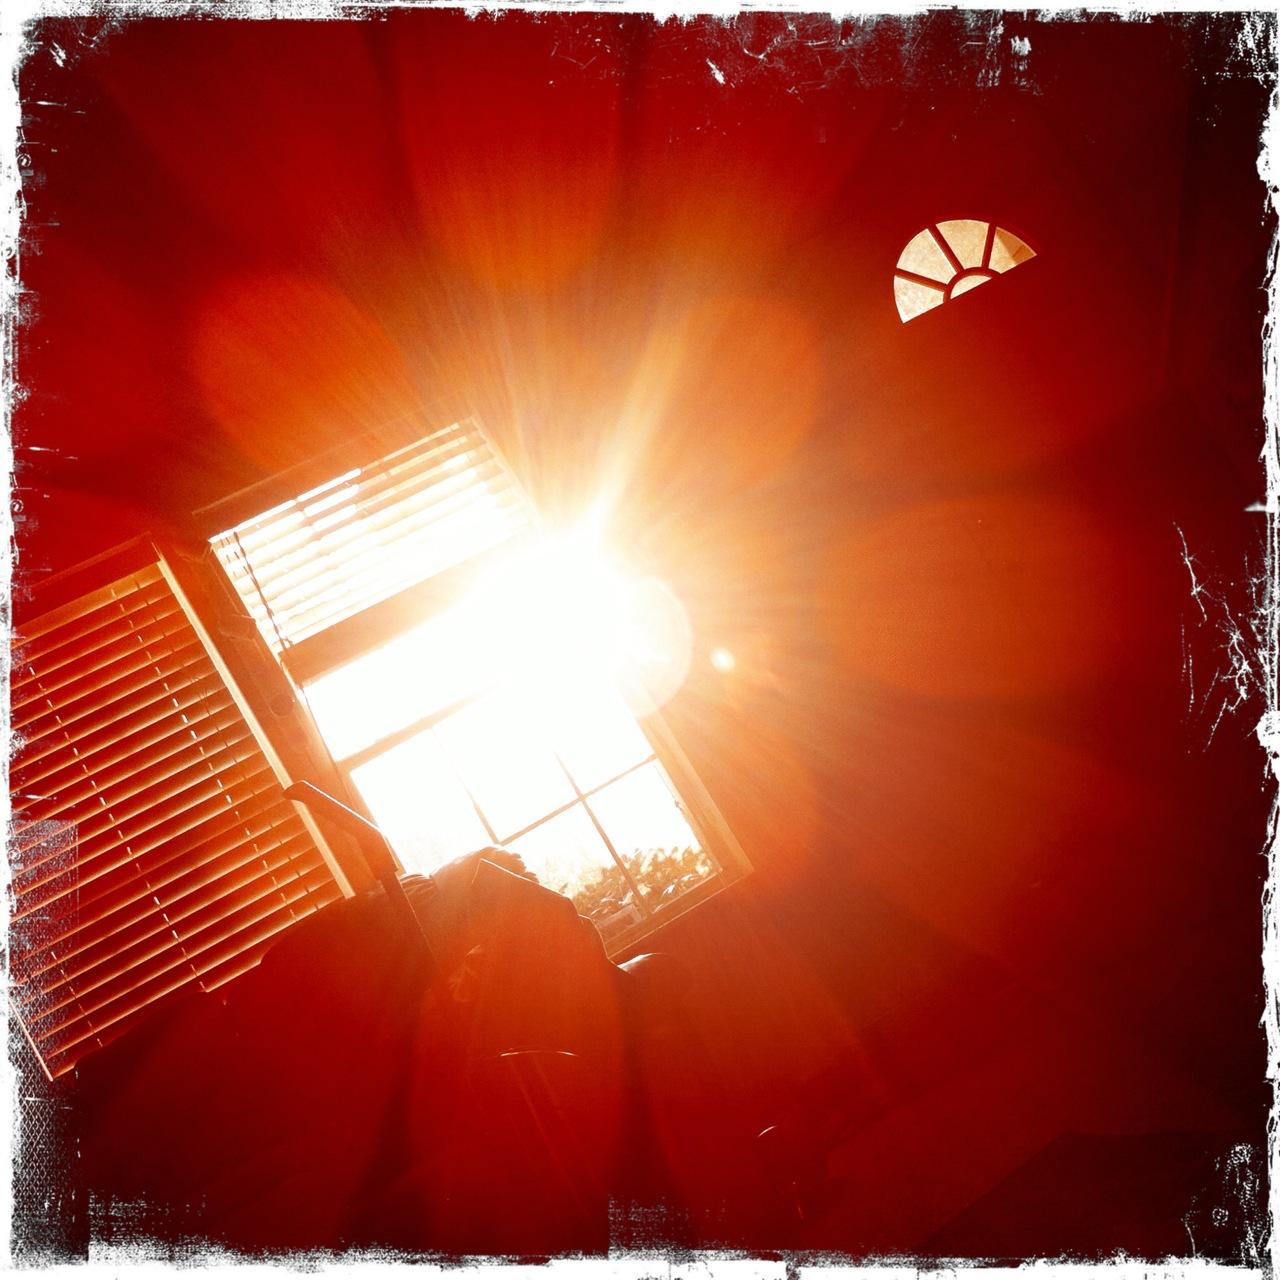 Morning sunrise window 3 Kaimal Mark II Lens, Kodot XGrizzled Film, No Flash,